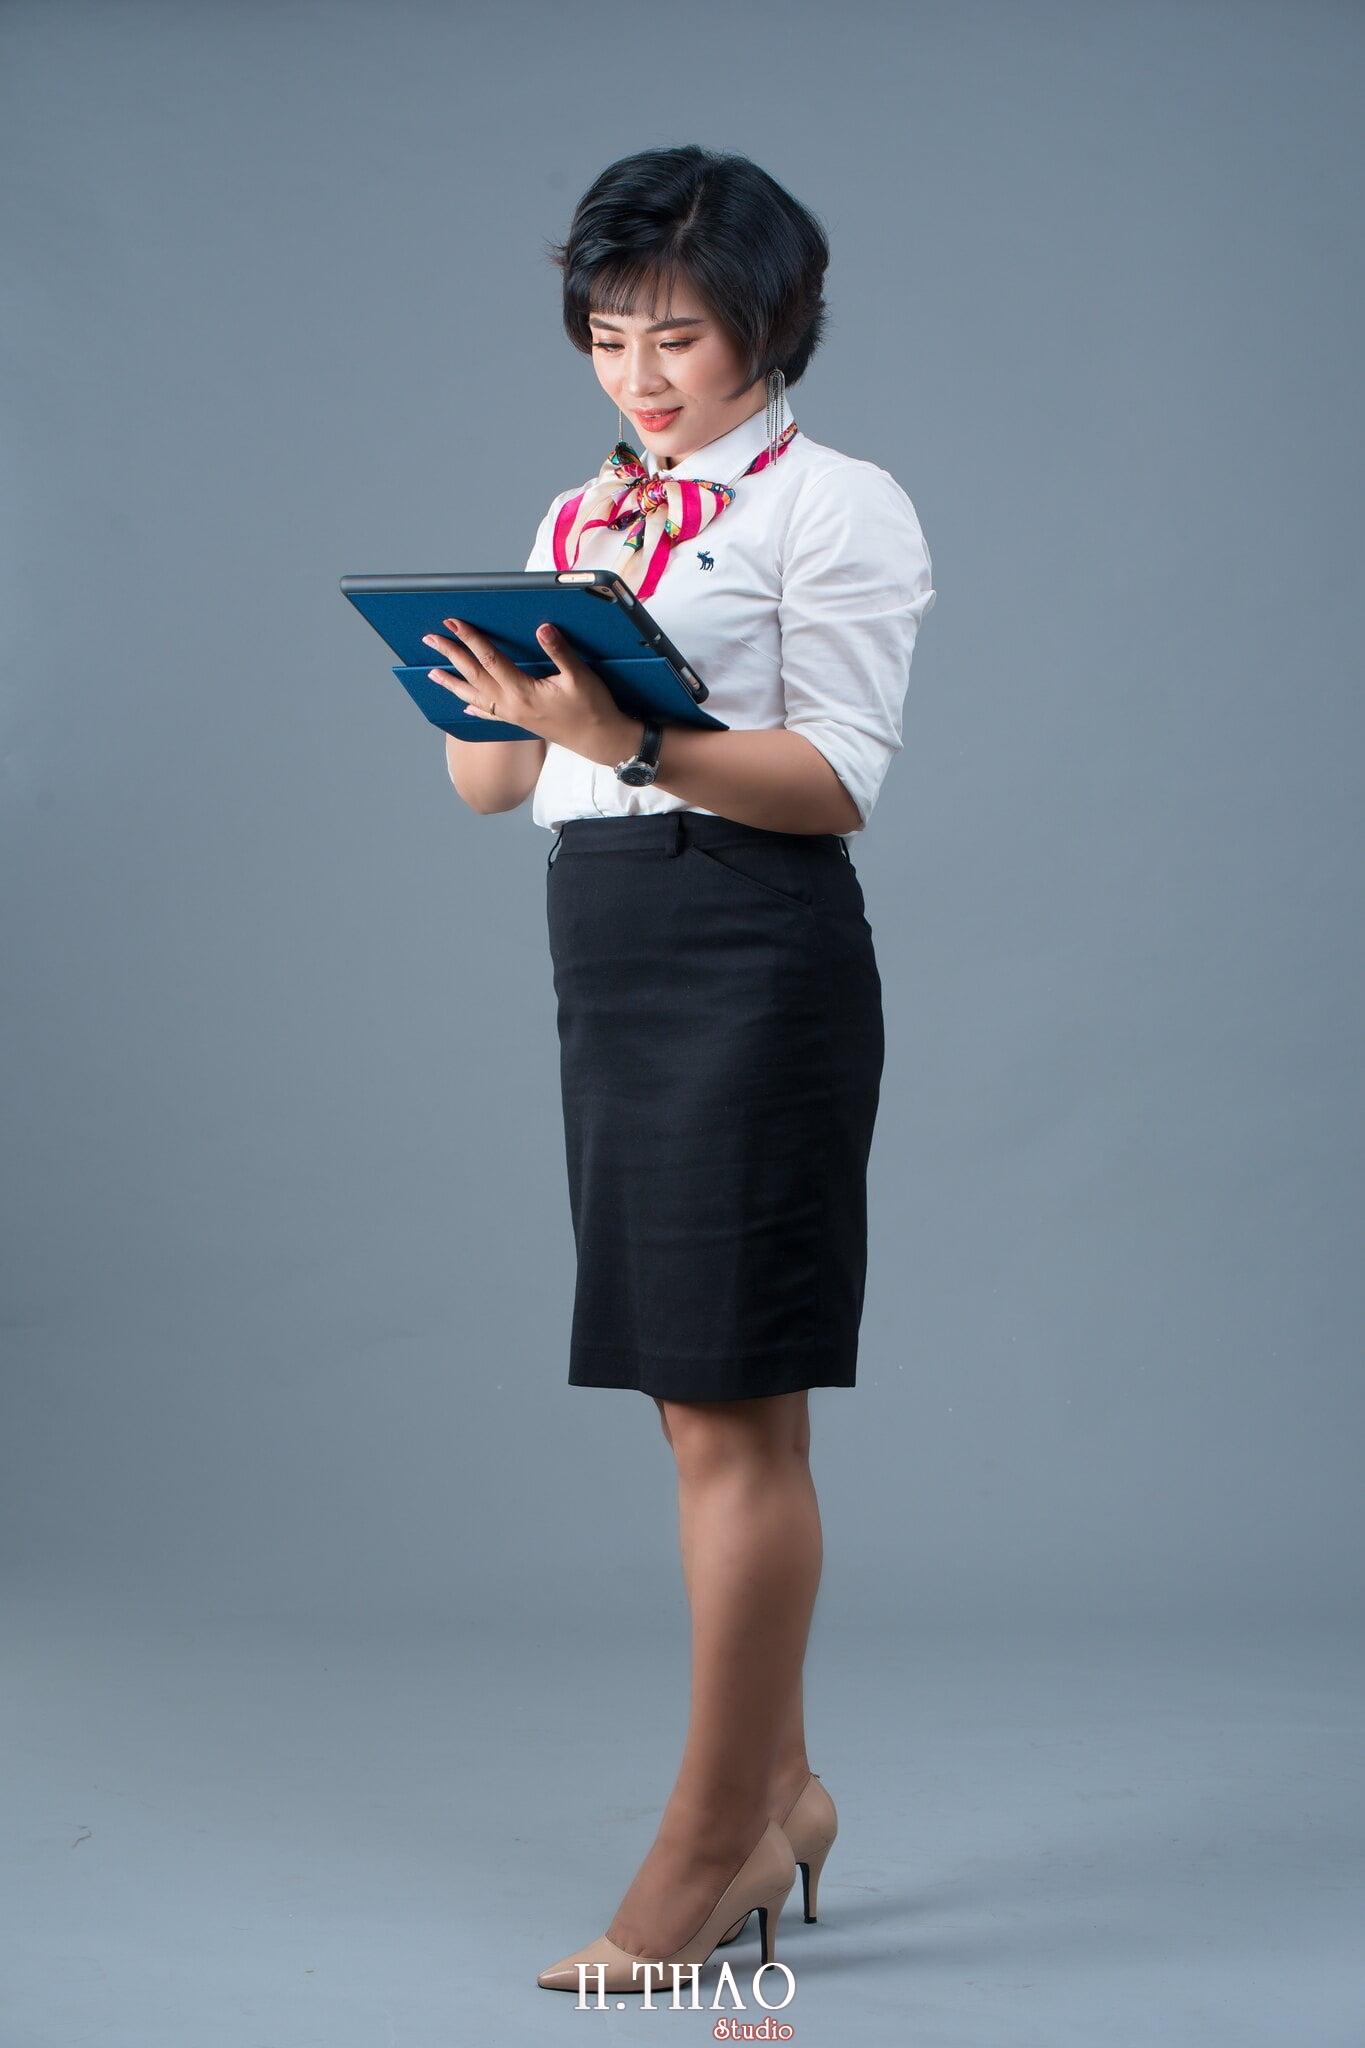 chan dung nghe nghiep 2 - Album ảnh profile cá nhân chị Ny Manulife - HThao Studio